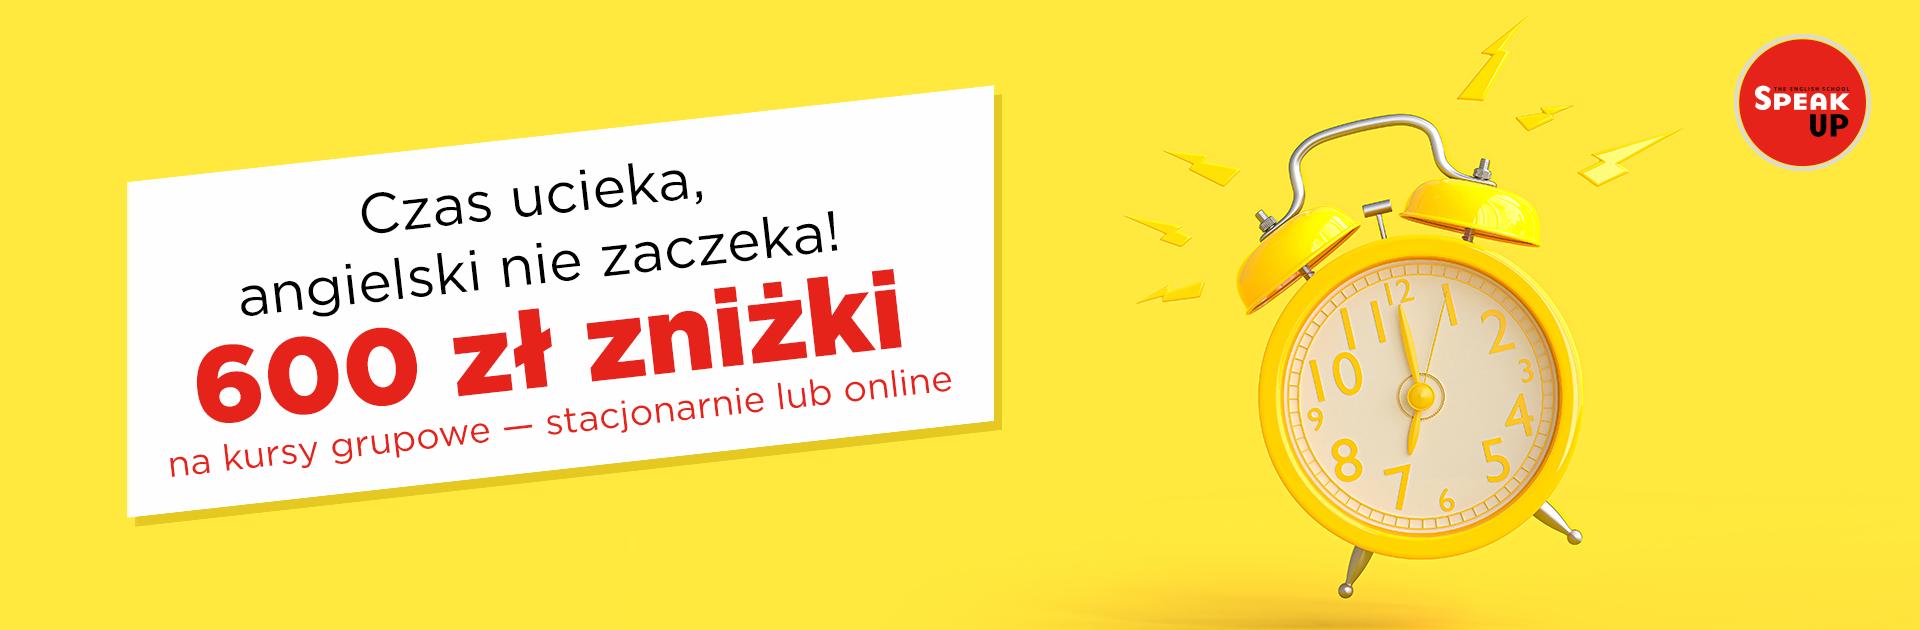 0318_SU_banner_yellow